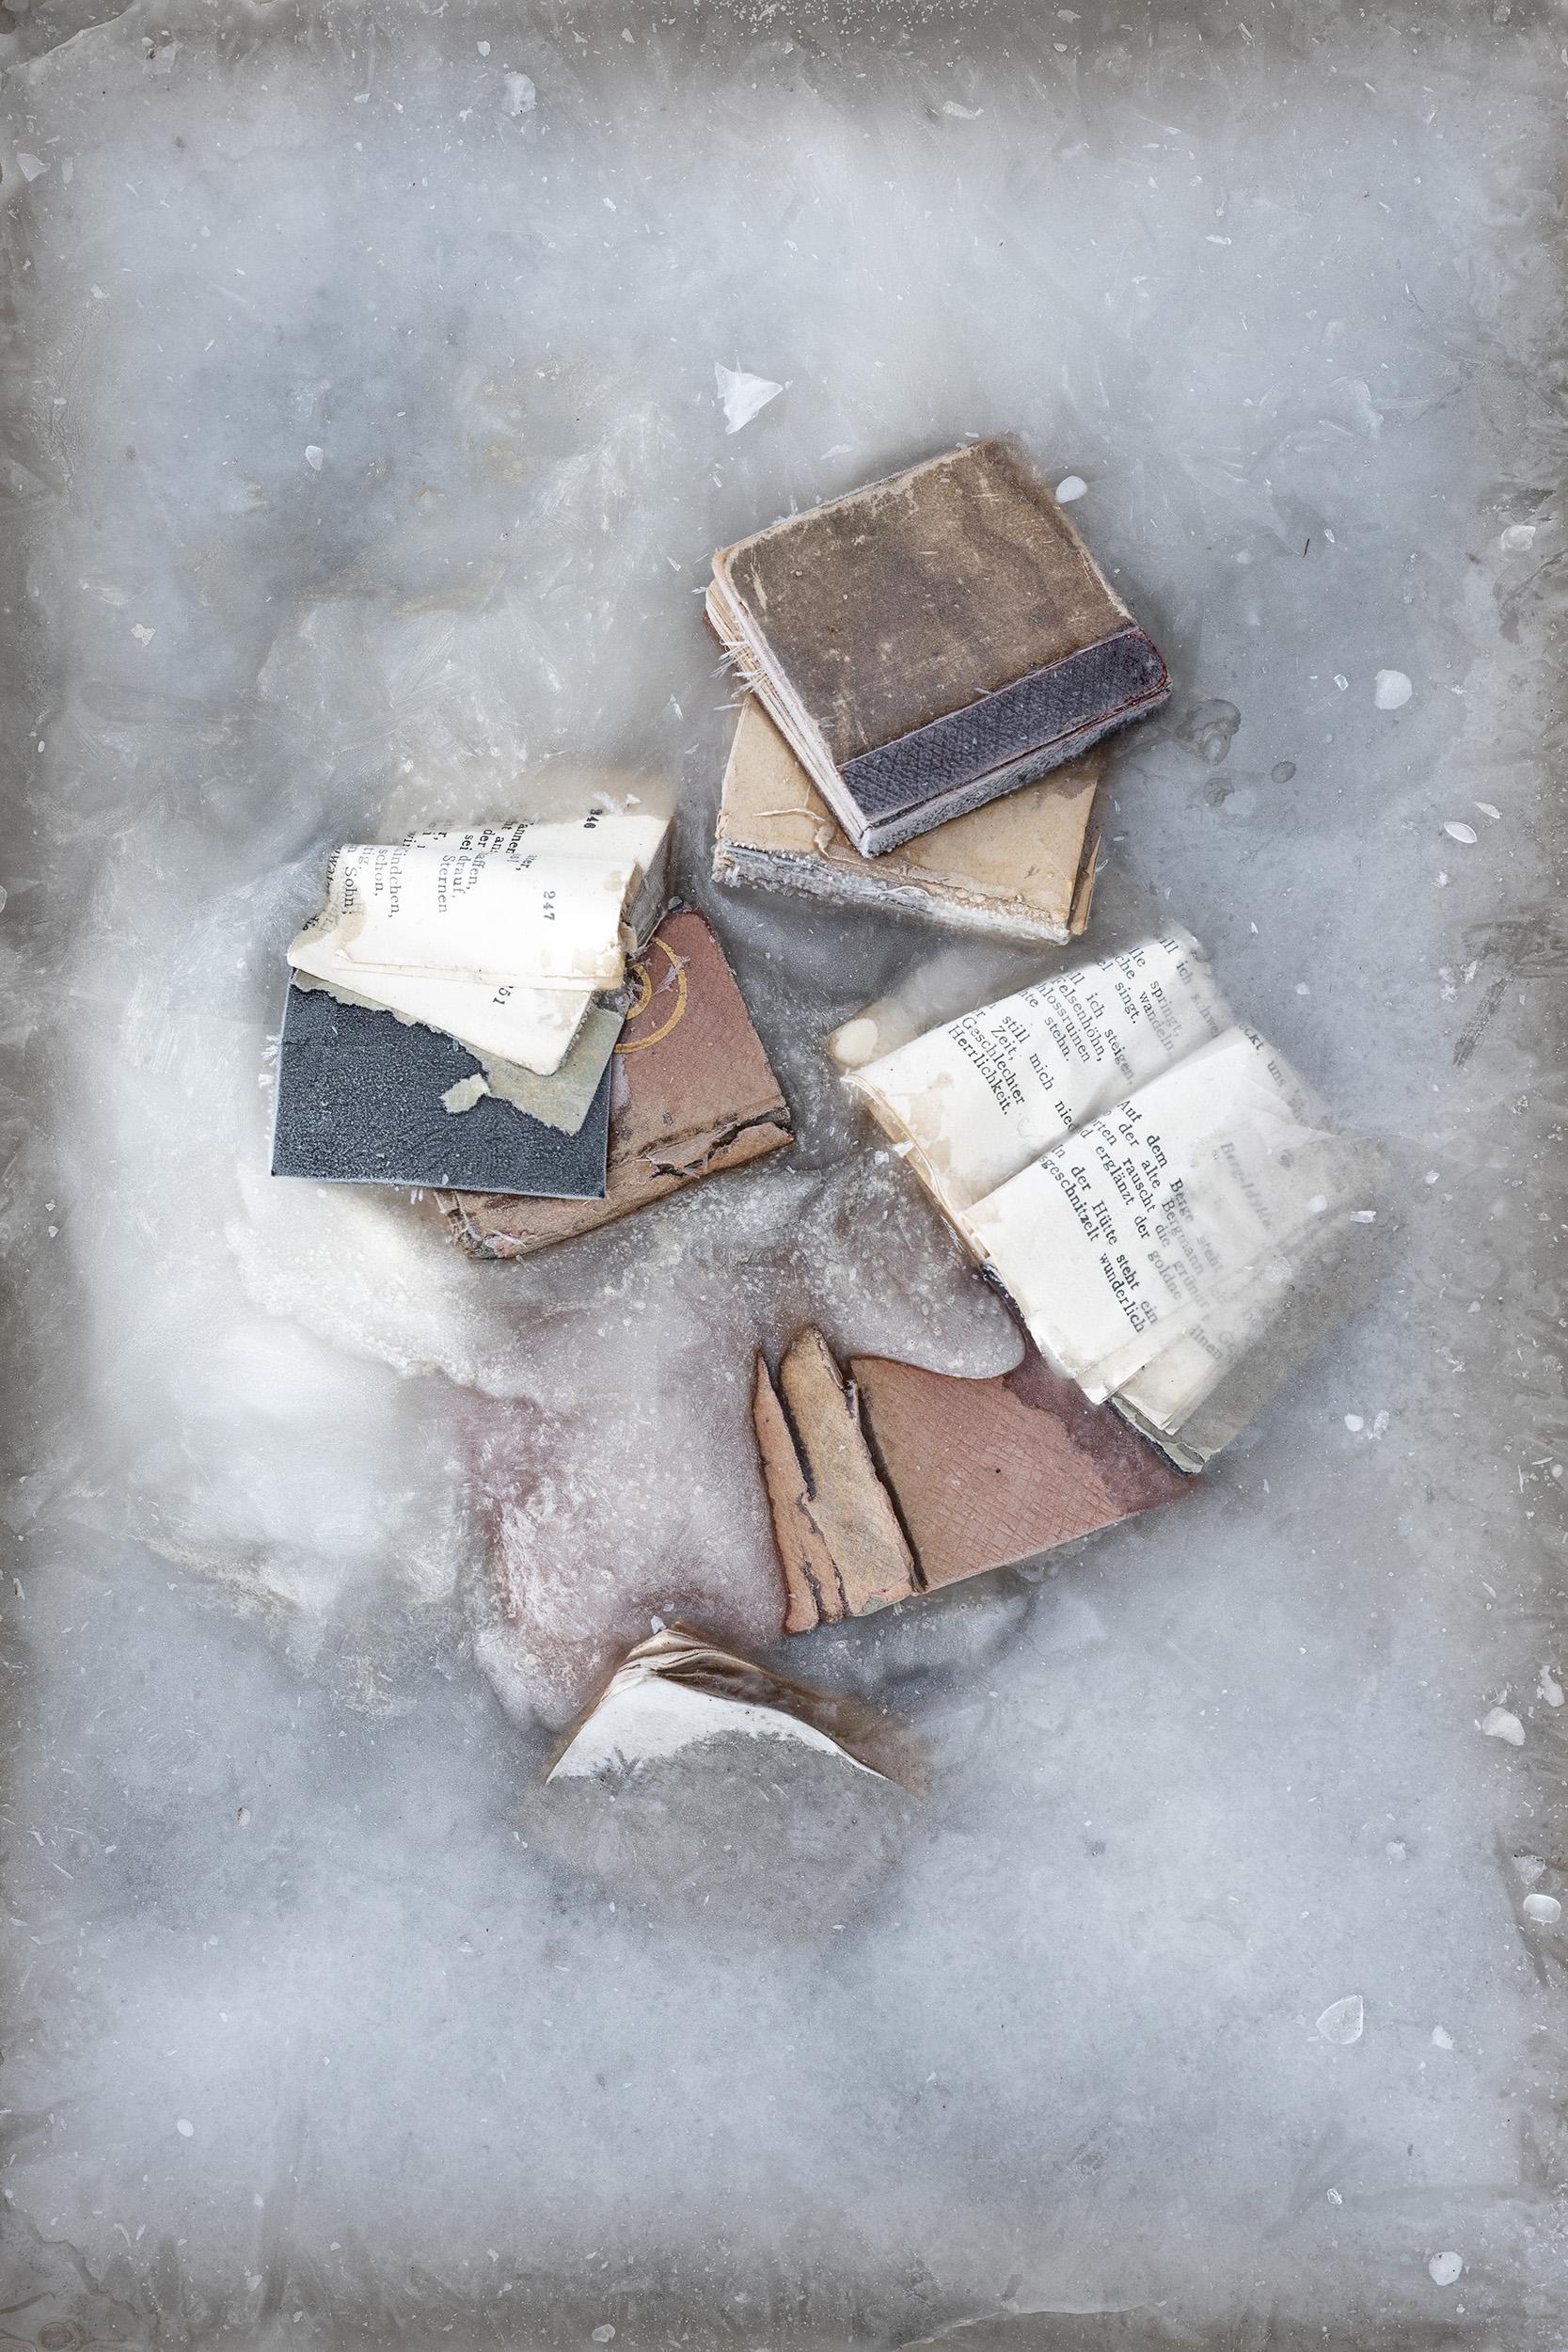 Books  2019, 75 x 50 cm